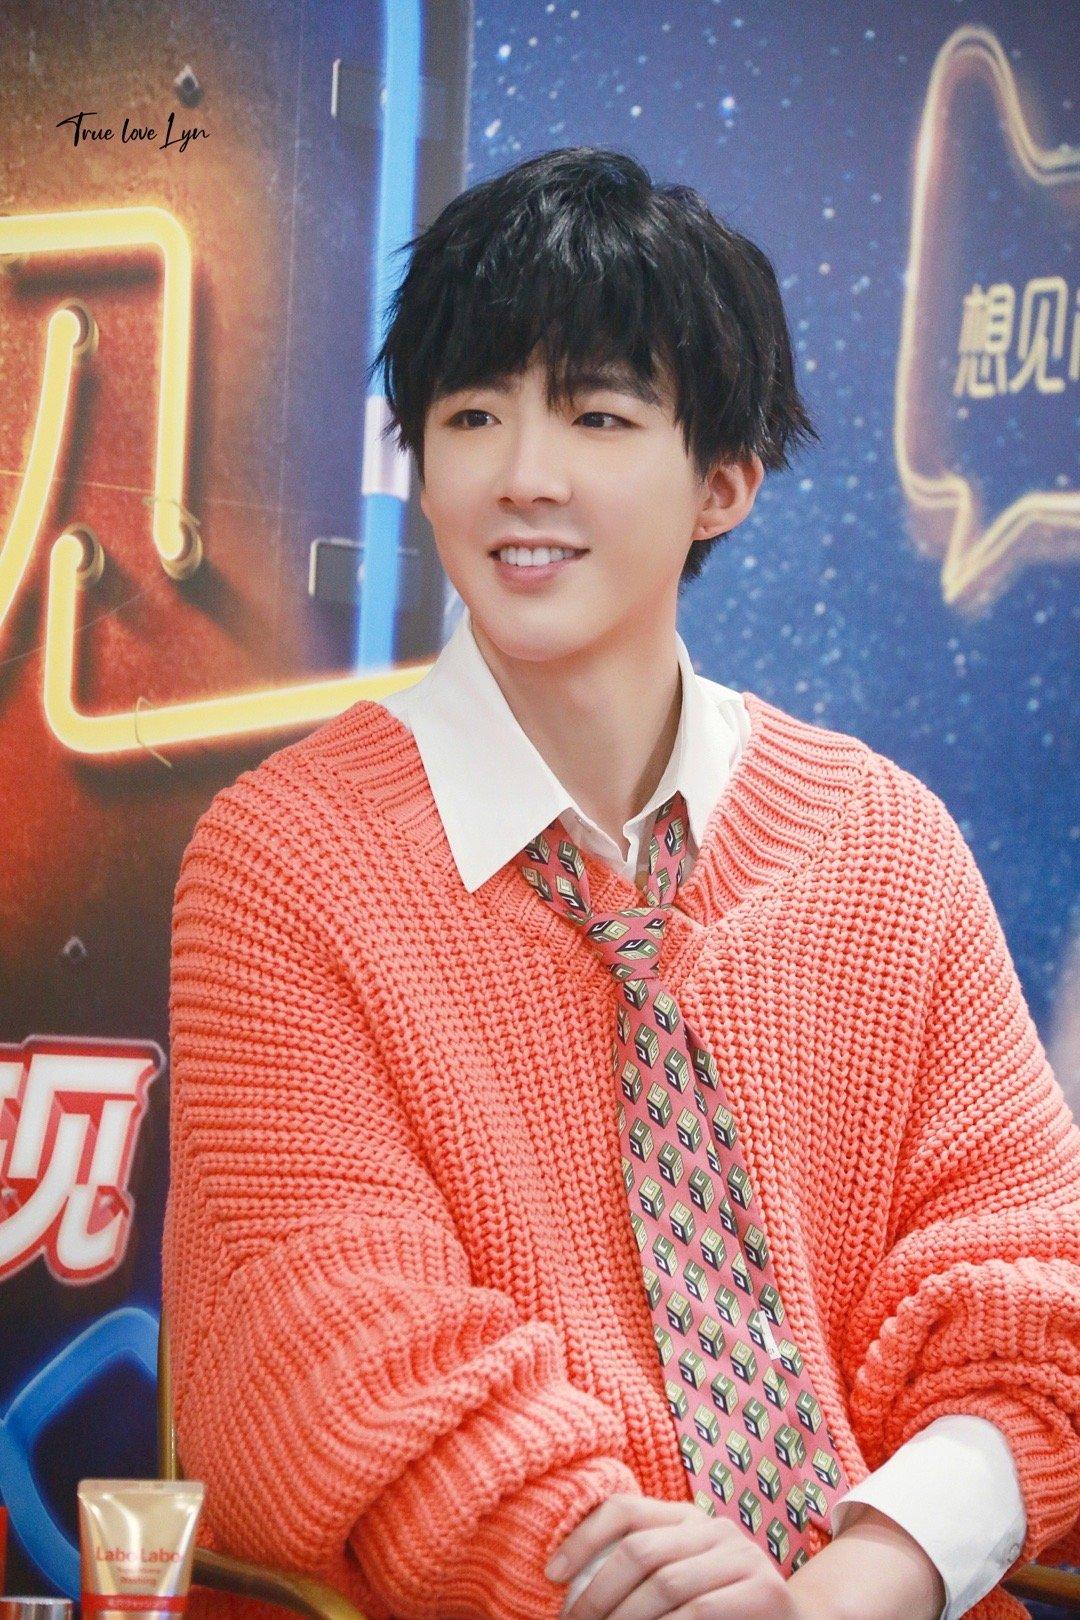 刘宇宁今日活动饭拍橘色毛衣+白衬衣+花色小领带今天是橘子汽水味的